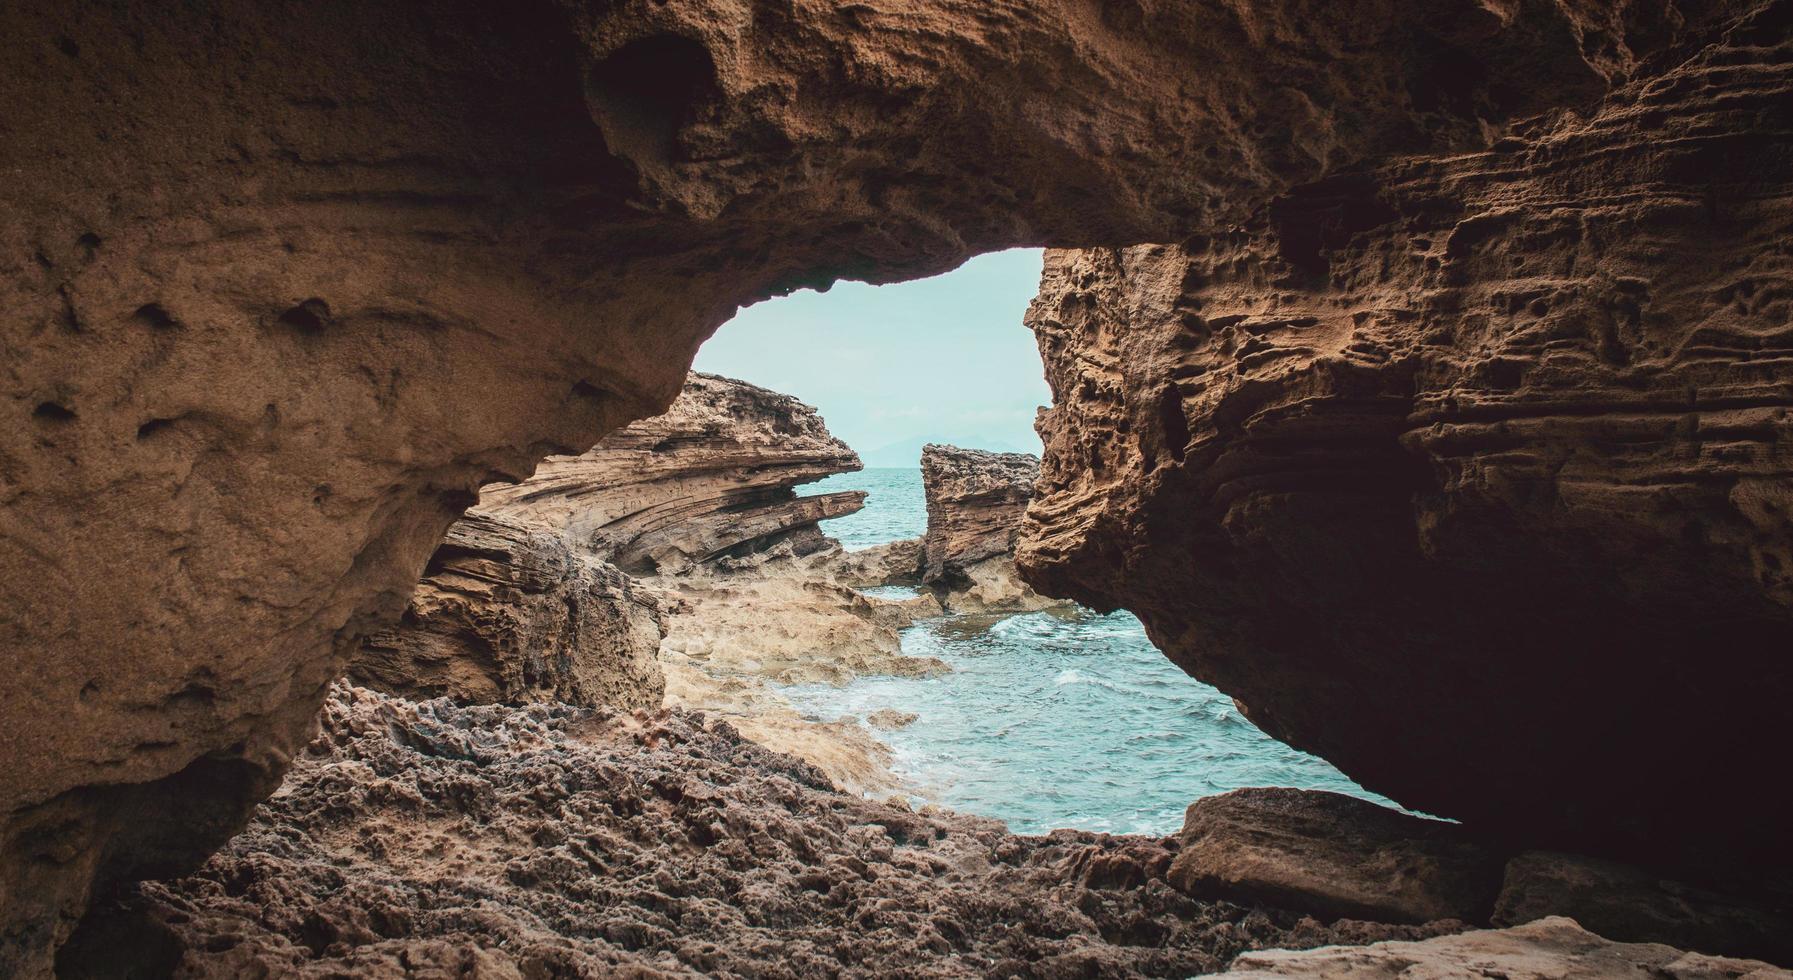 grotte rocheuse sur l & # 39; île pendant la journée photo